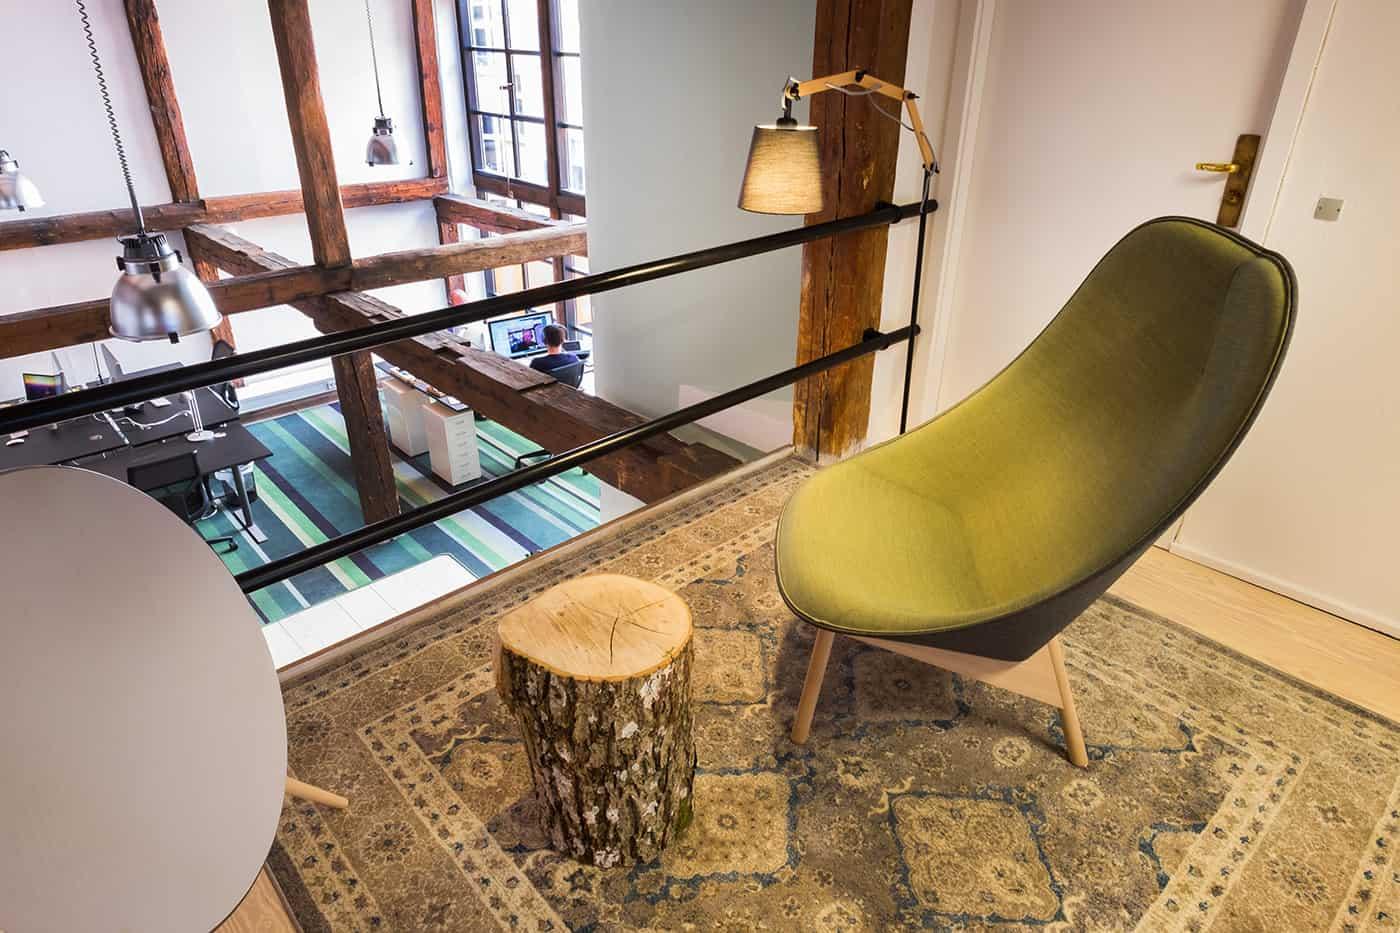 RITAarch, Greener Pastures, indretning, drop in, lounge